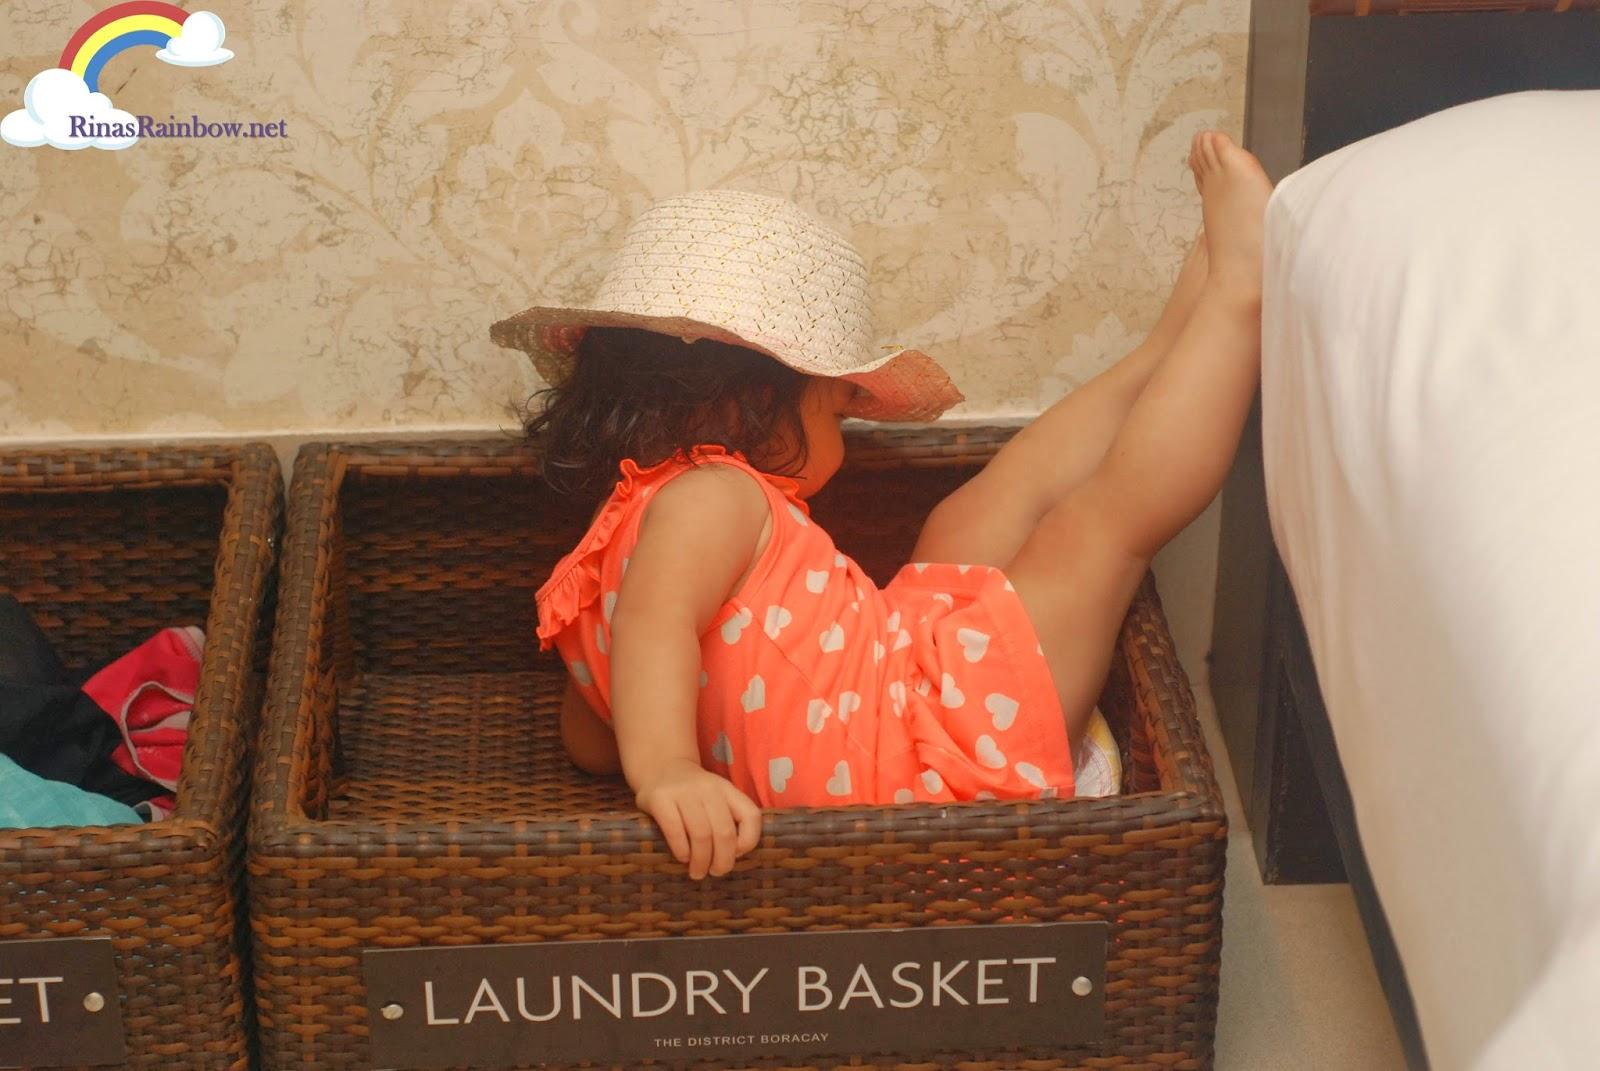 toddler in basket